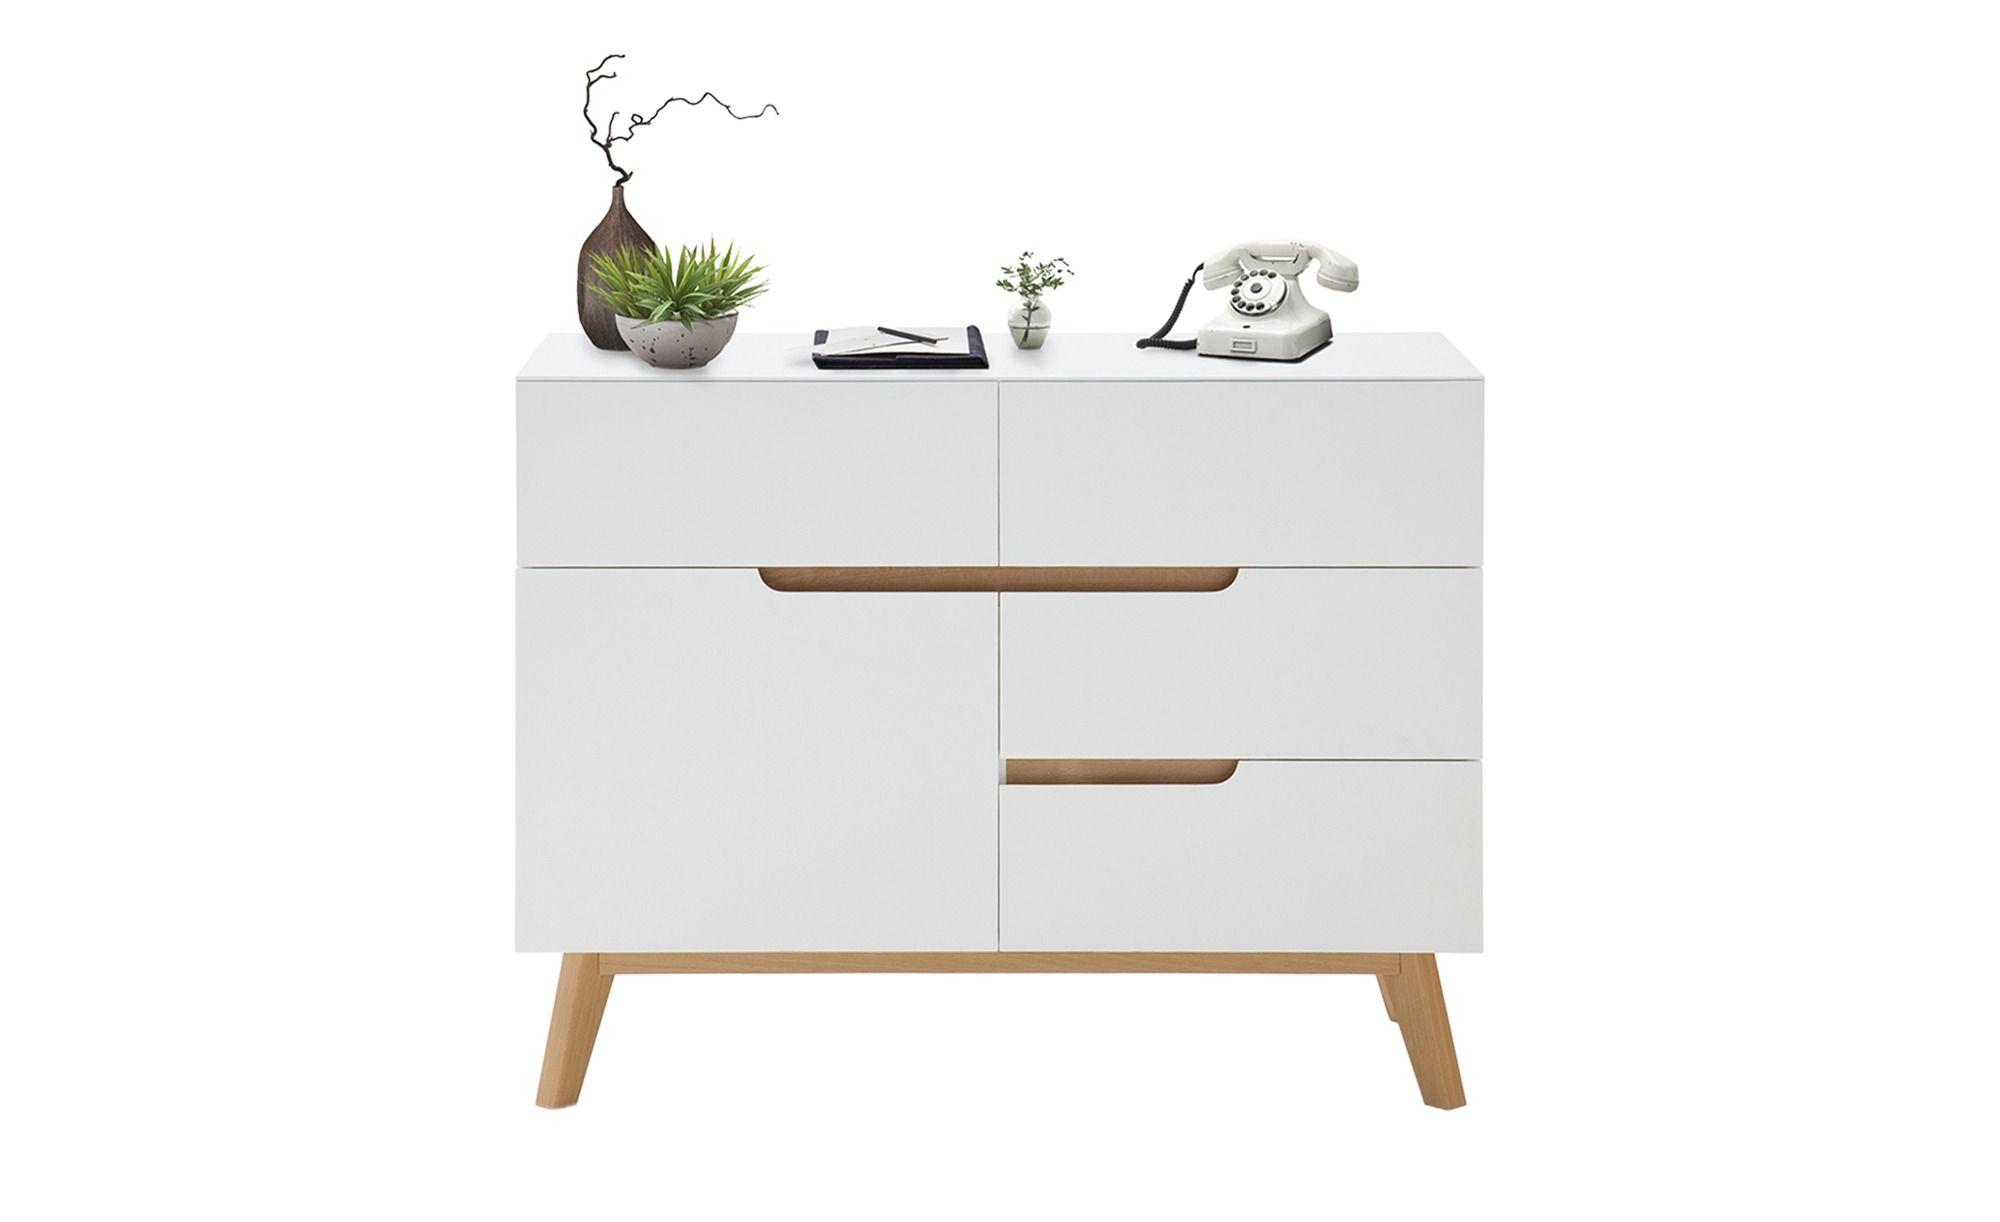 Kommode Casoria Gefunden Bei Möbel Höffner In 2021 Kommode Modern Skandinavisches Design Anrichte Weiß